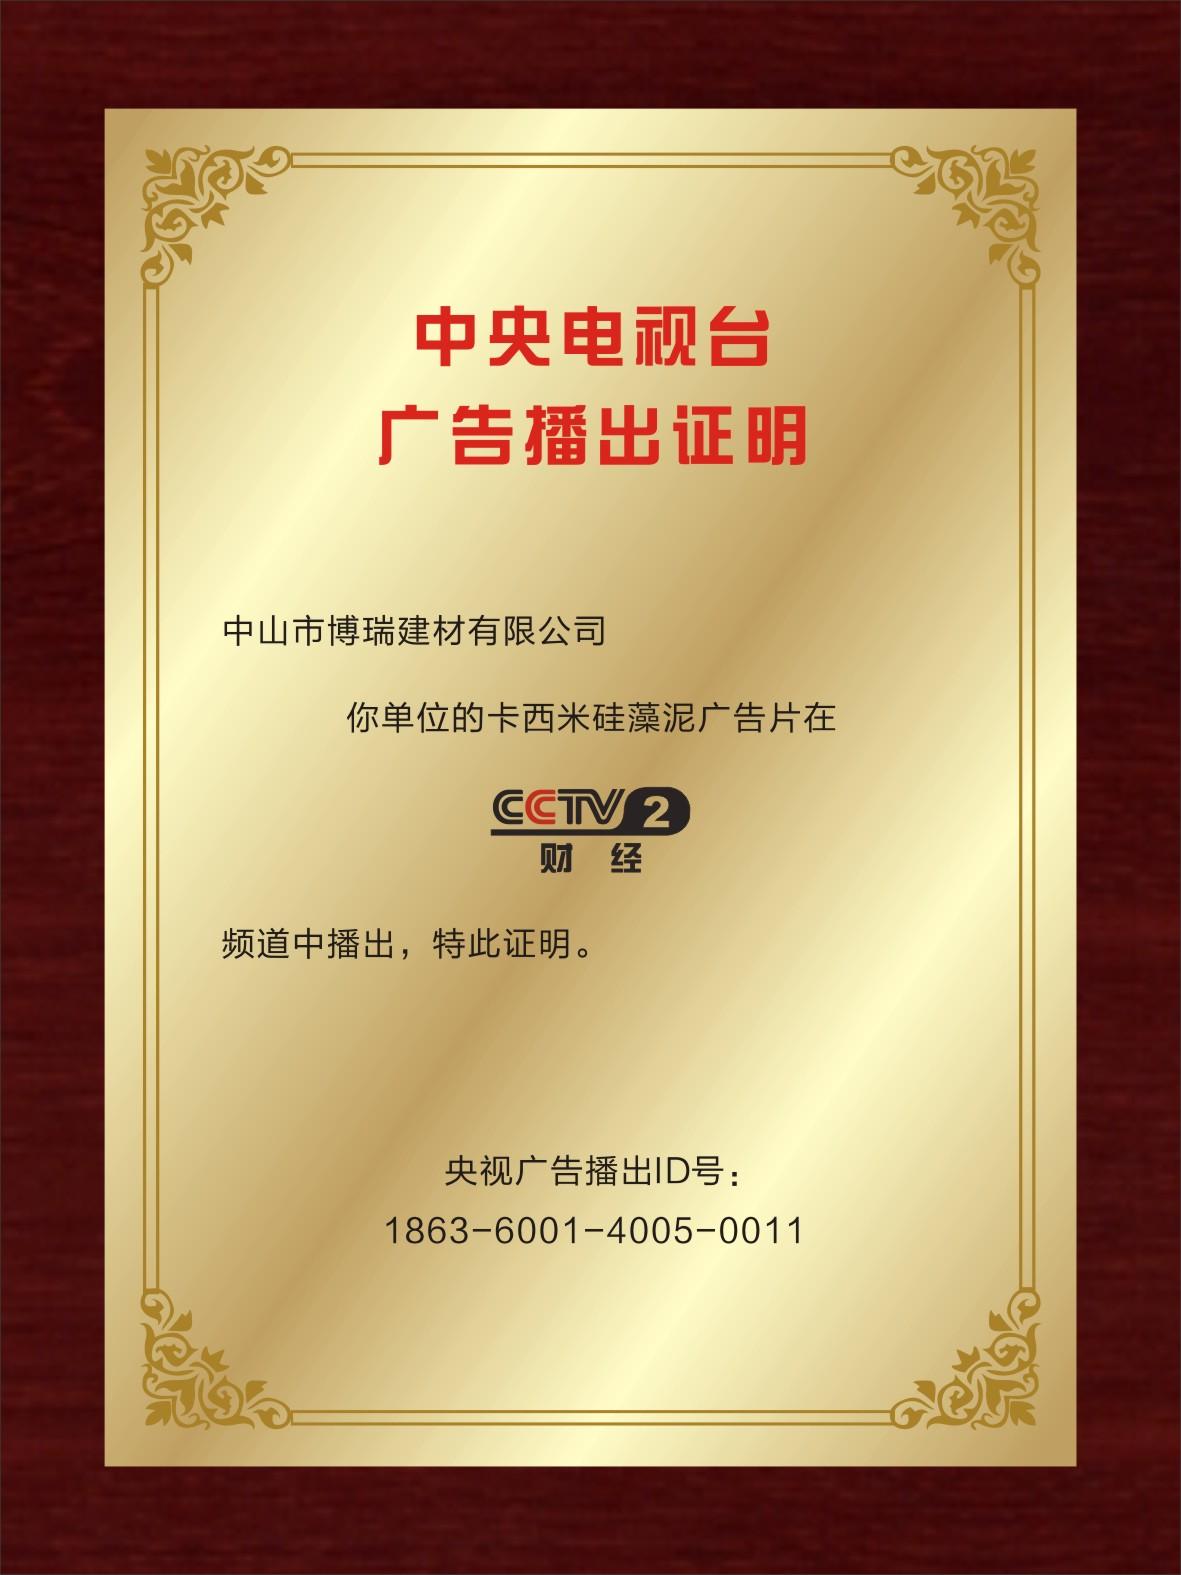 中央电视台年度广告合作证书